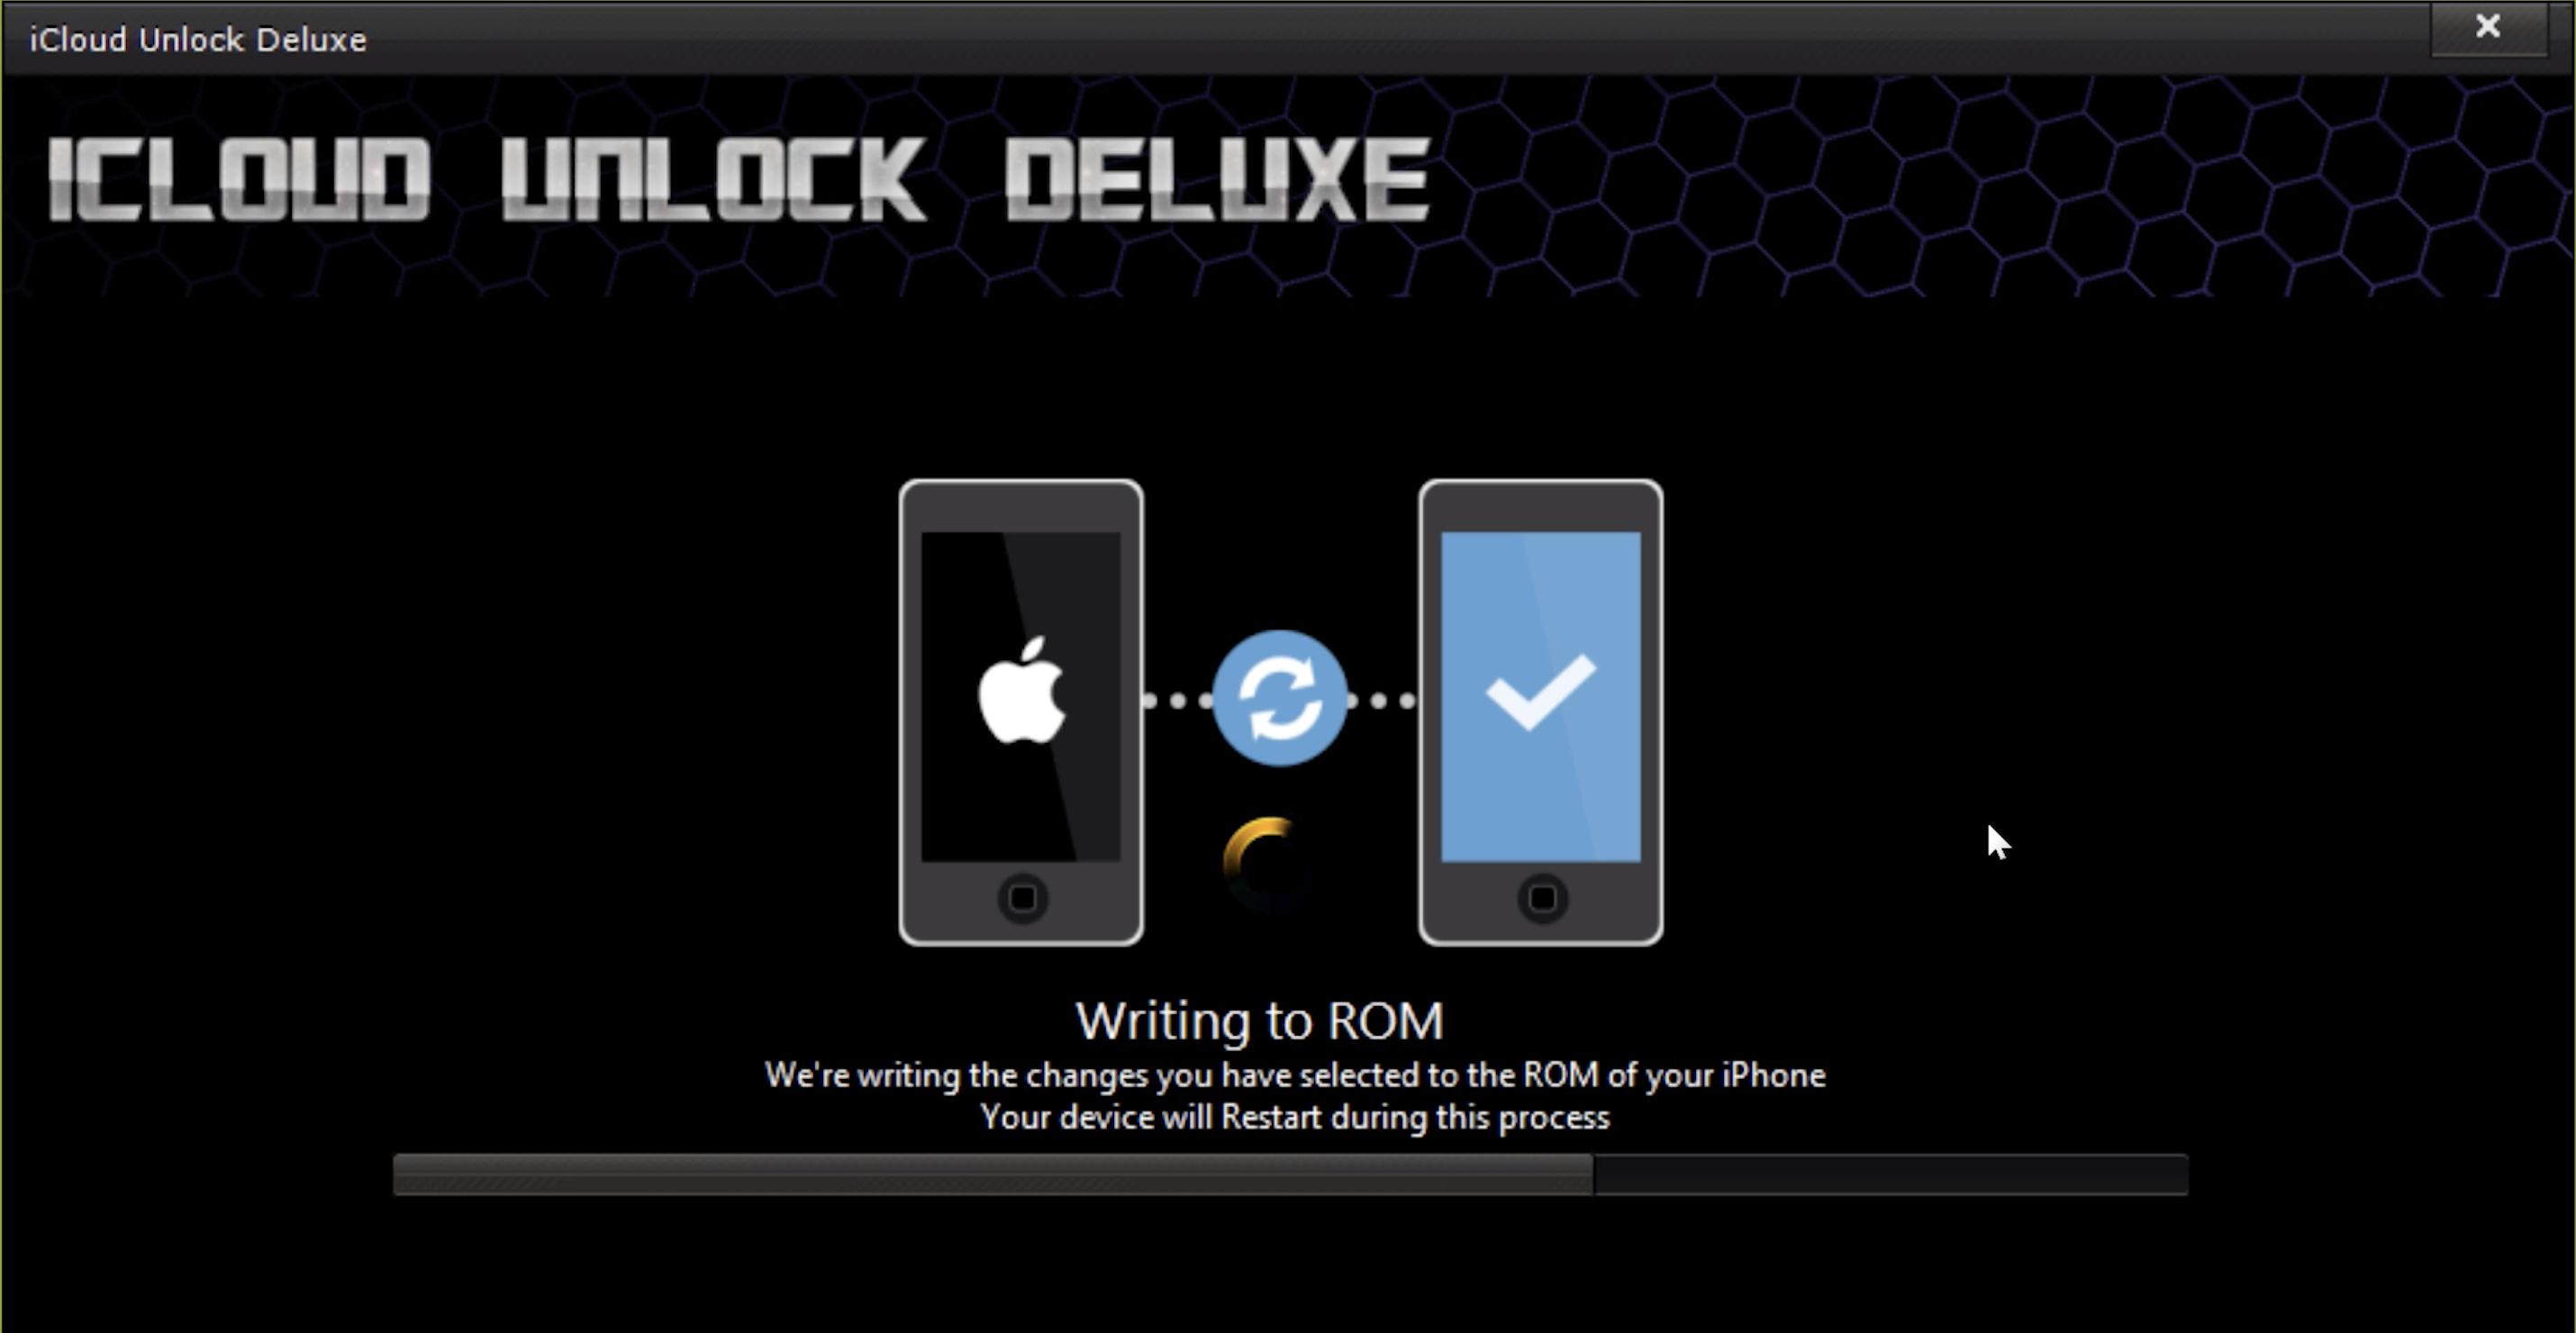 iCloud Unlock Deluxe Configuring